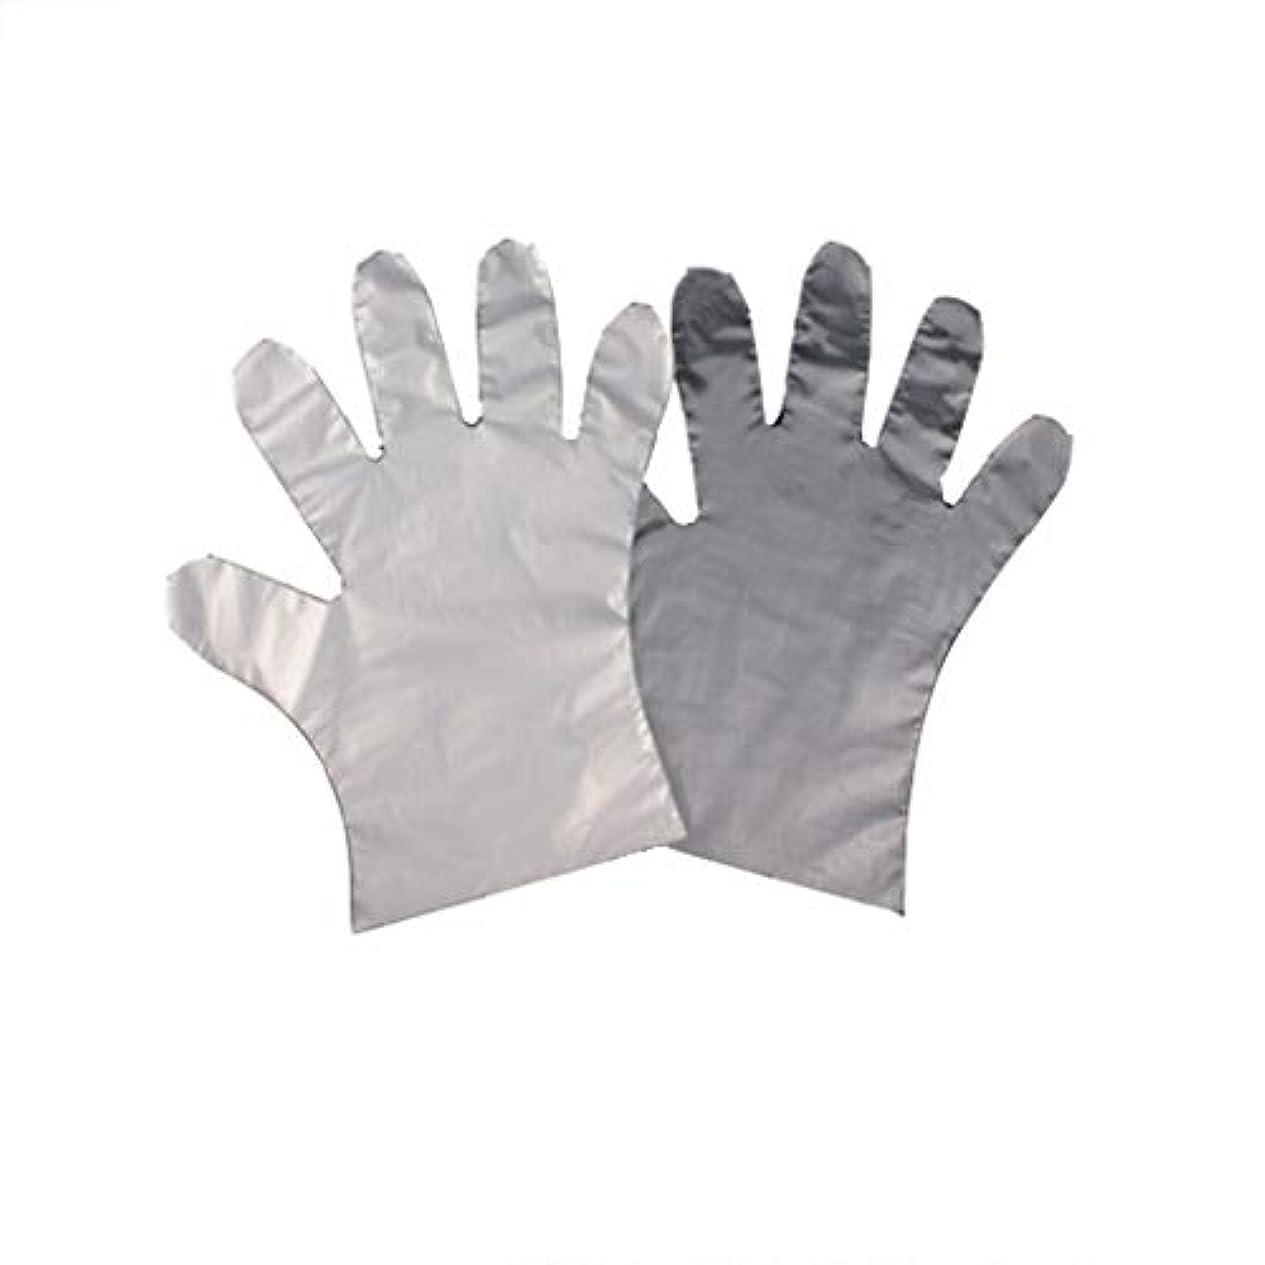 メンタル哀素敵な手袋、使い捨てPE手袋、食品の肥厚、透明な2つのオープンポケット-600のみ。